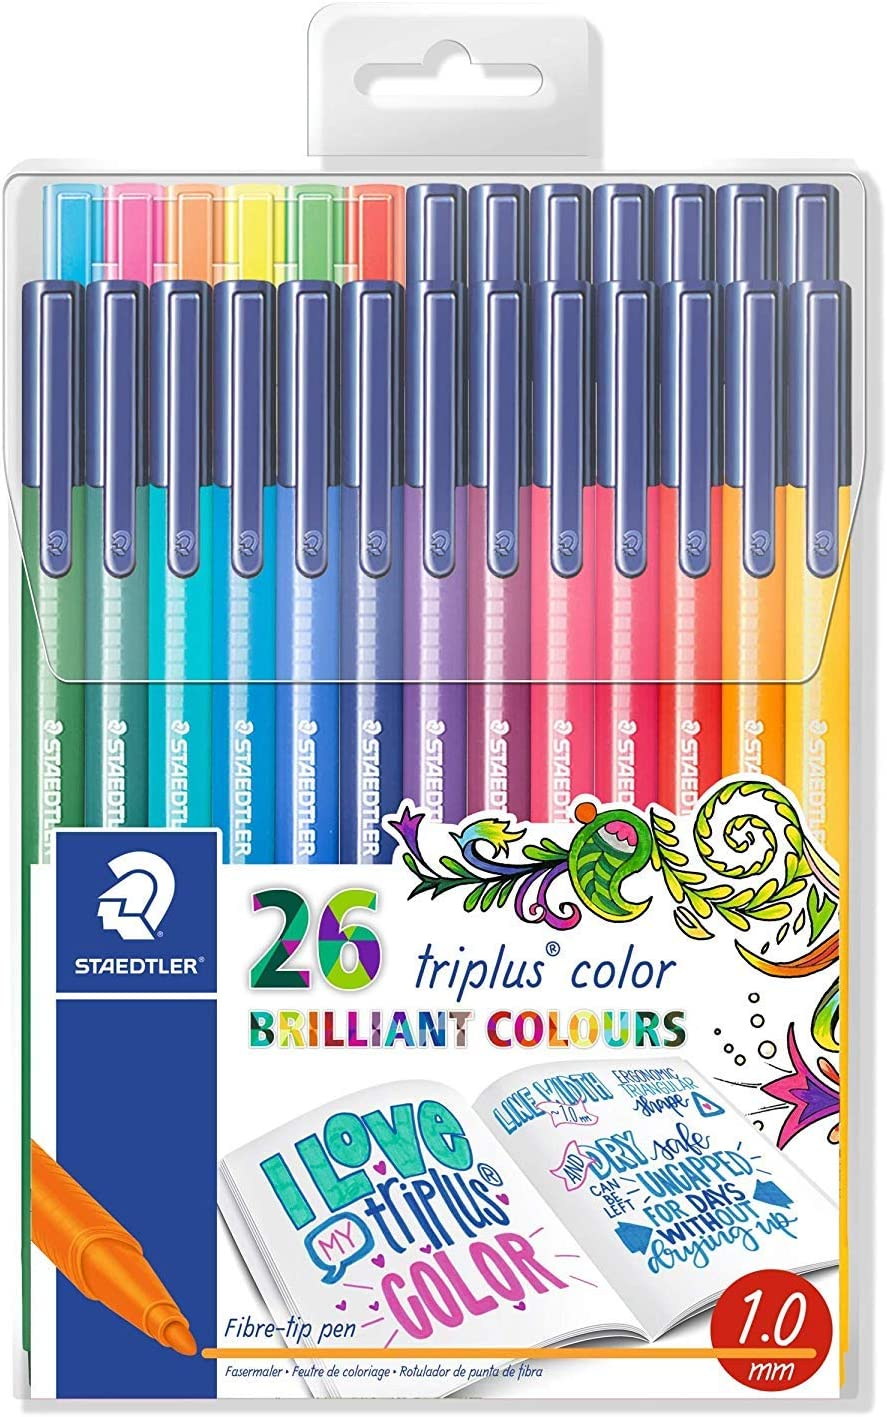 Staedtler323 TB26JB. Rotuladores de colores brillantes de punta fina multicolor Triplus Color, lavable, ergonómico, punta bloqueada. Edición Johanna Basford - Pack de 26 marcadores.